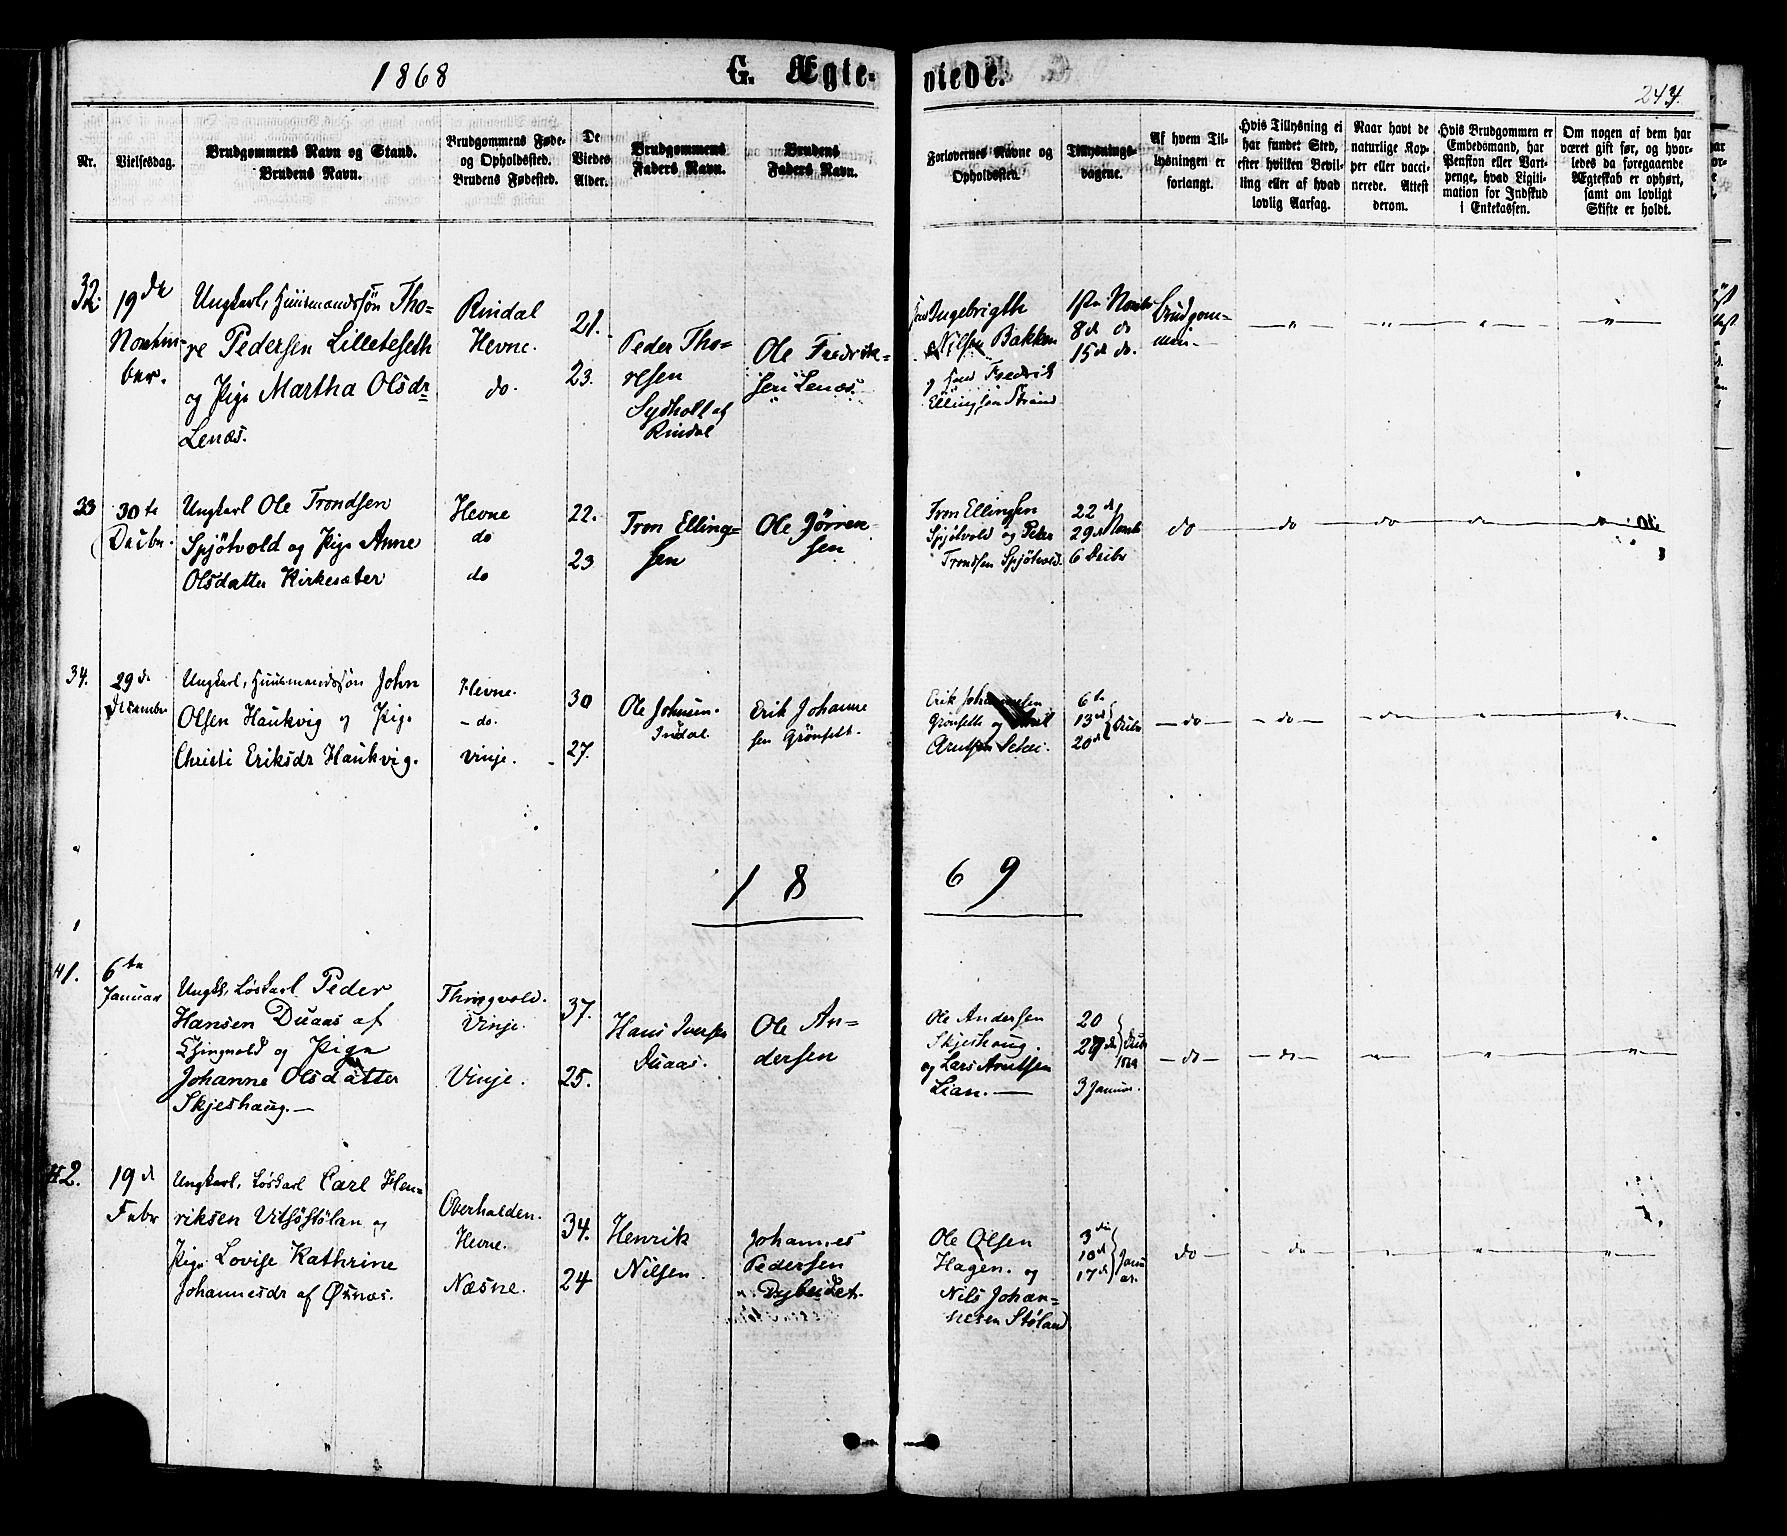 SAT, Ministerialprotokoller, klokkerbøker og fødselsregistre - Sør-Trøndelag, 630/L0495: Ministerialbok nr. 630A08, 1868-1878, s. 244